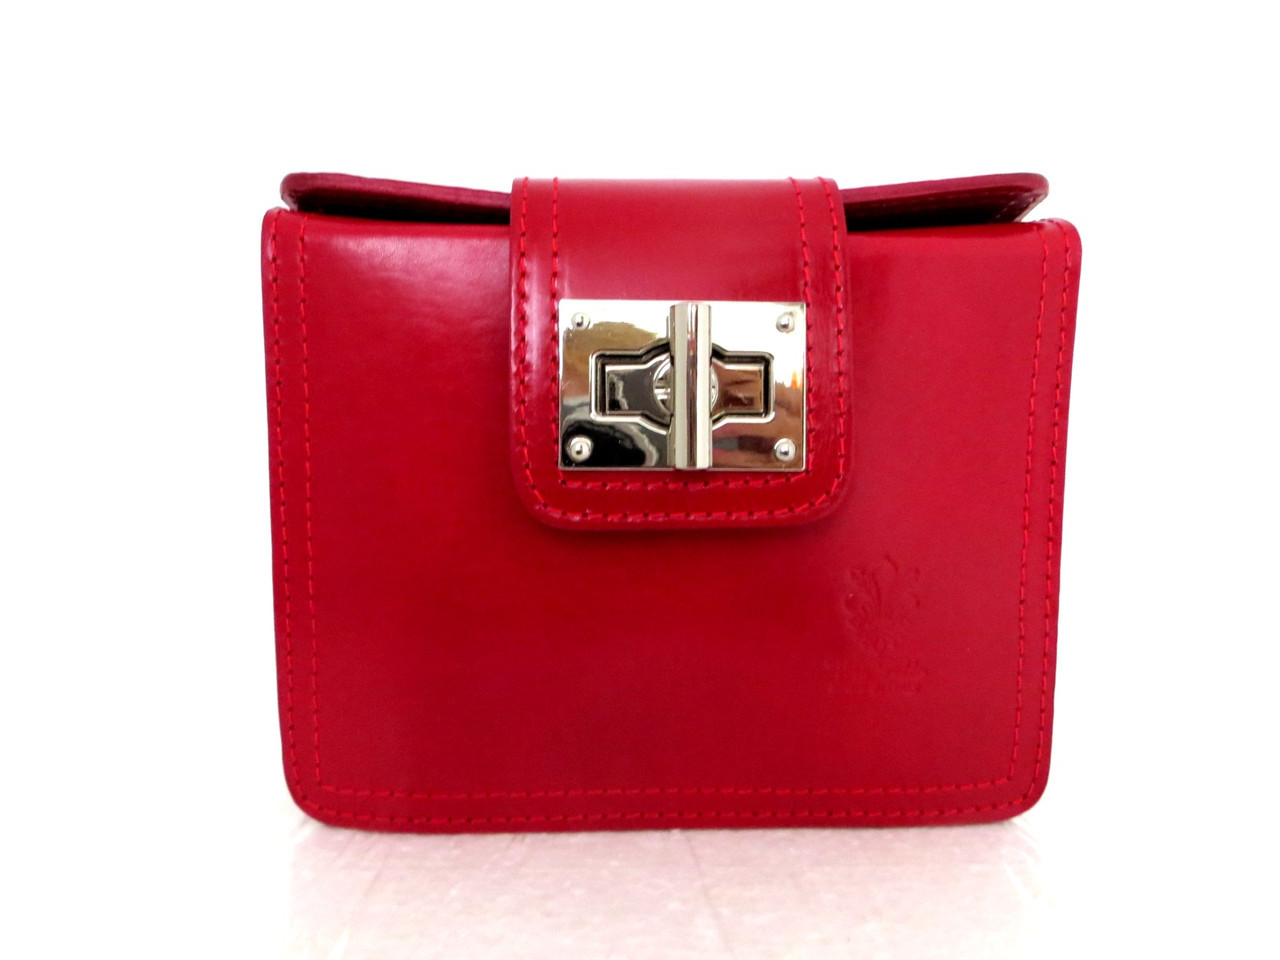 Жіноча сумочка-клатч. Модель L064. Червона. Натуральна шкіра.